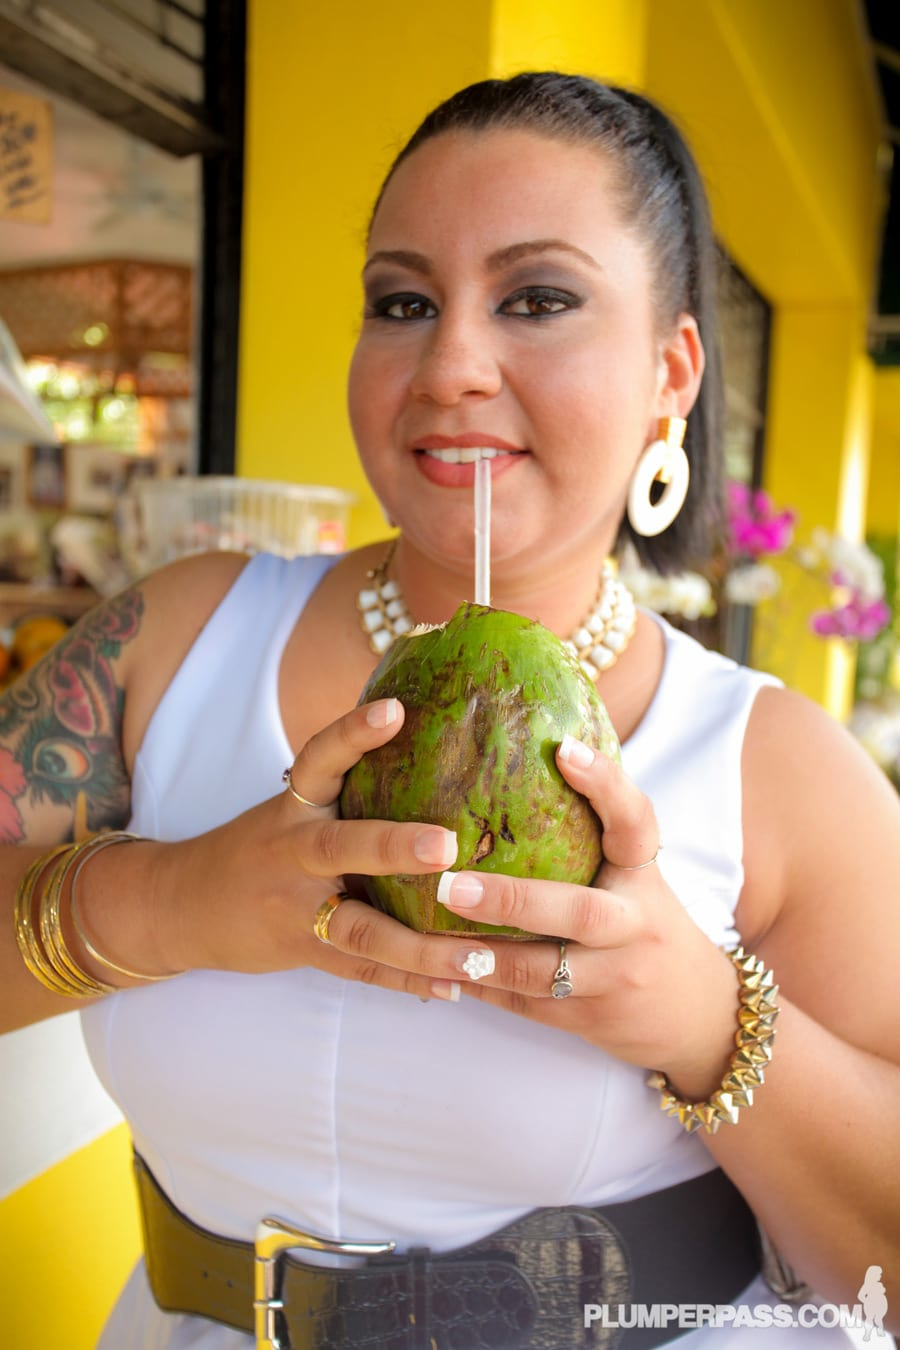 Diana boit de l'eau de coco